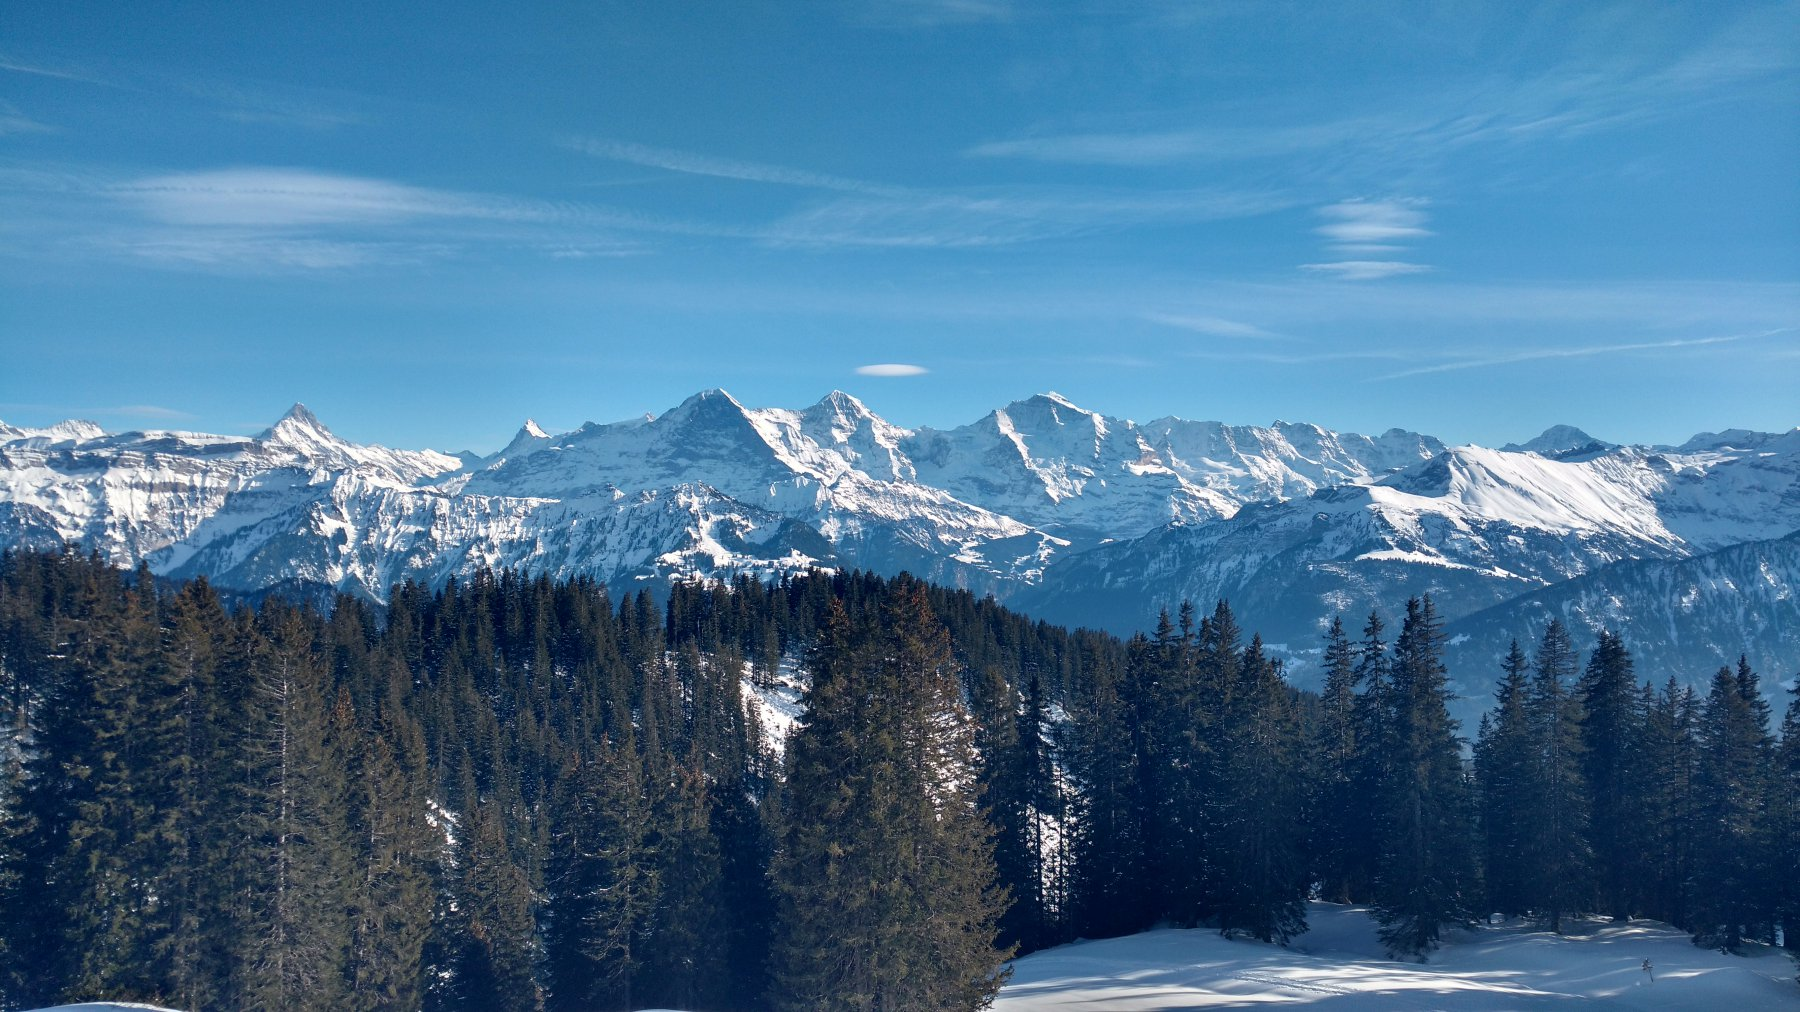 verso le grandi montagne dell'oberland